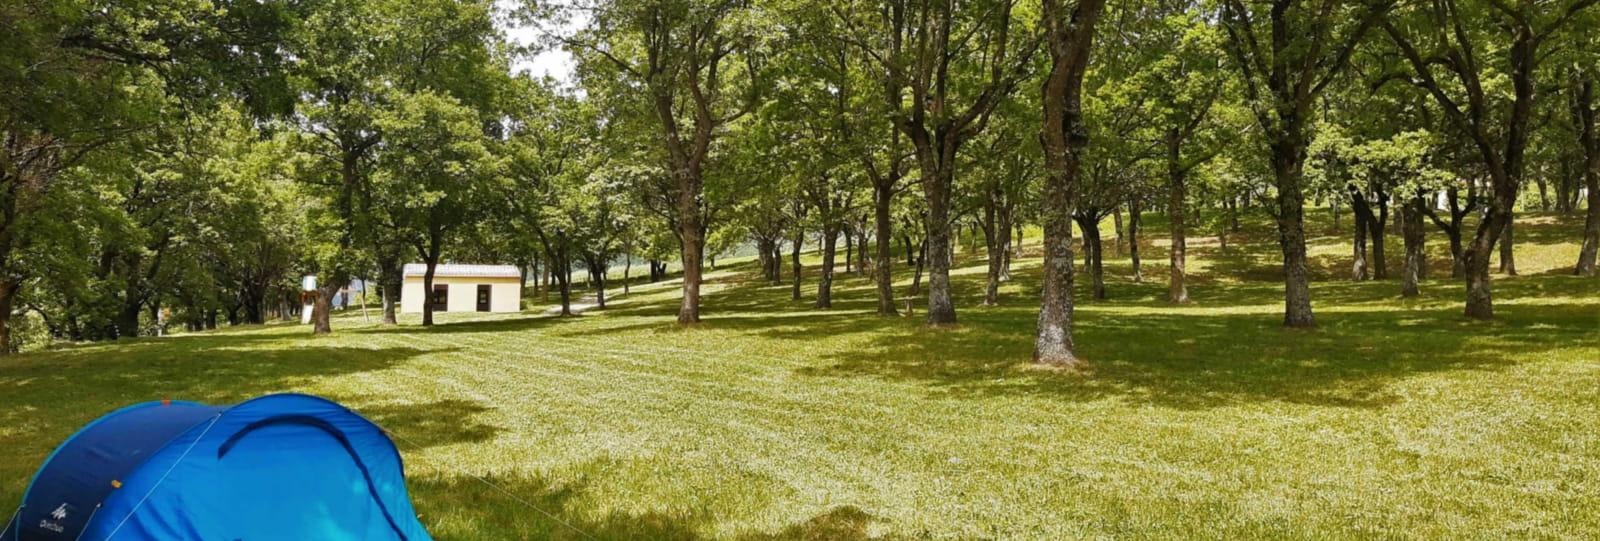 Aire Naturelle de Camping Grange Neuve